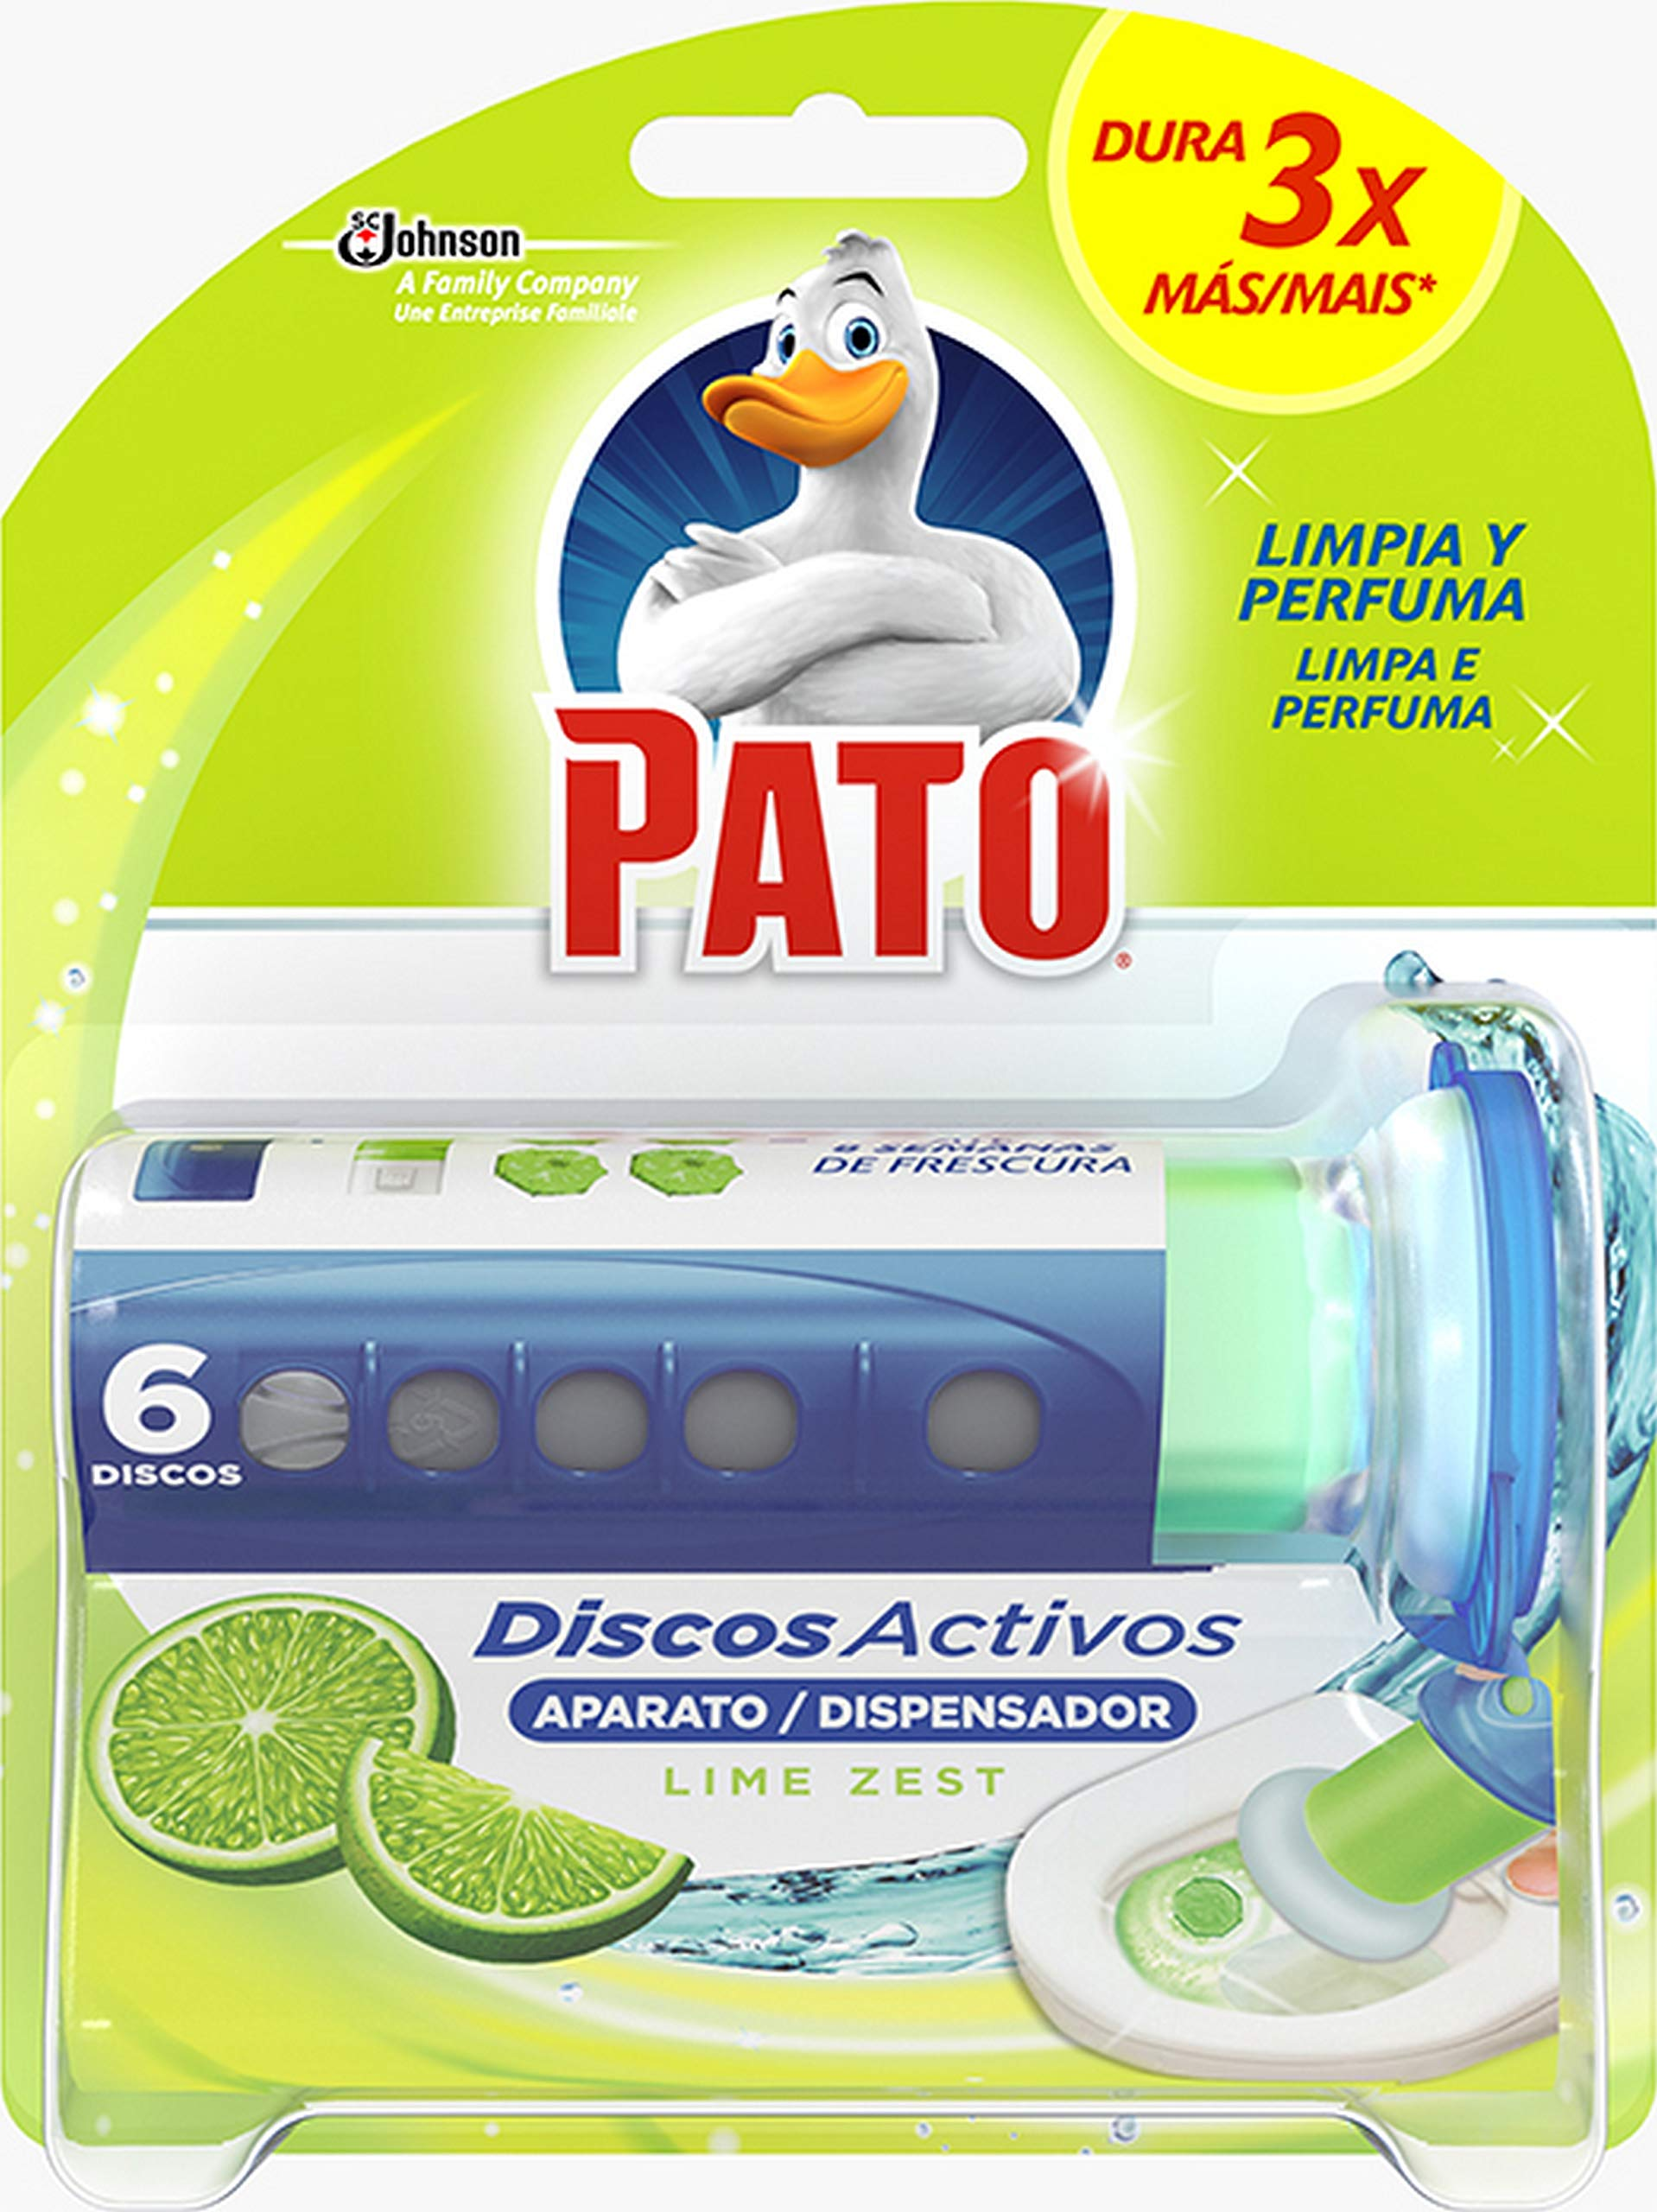 PATO Activos Wc, Aplicador Y Recambio Con, Negro, 1 Aplicador, Lima, 6 Discos